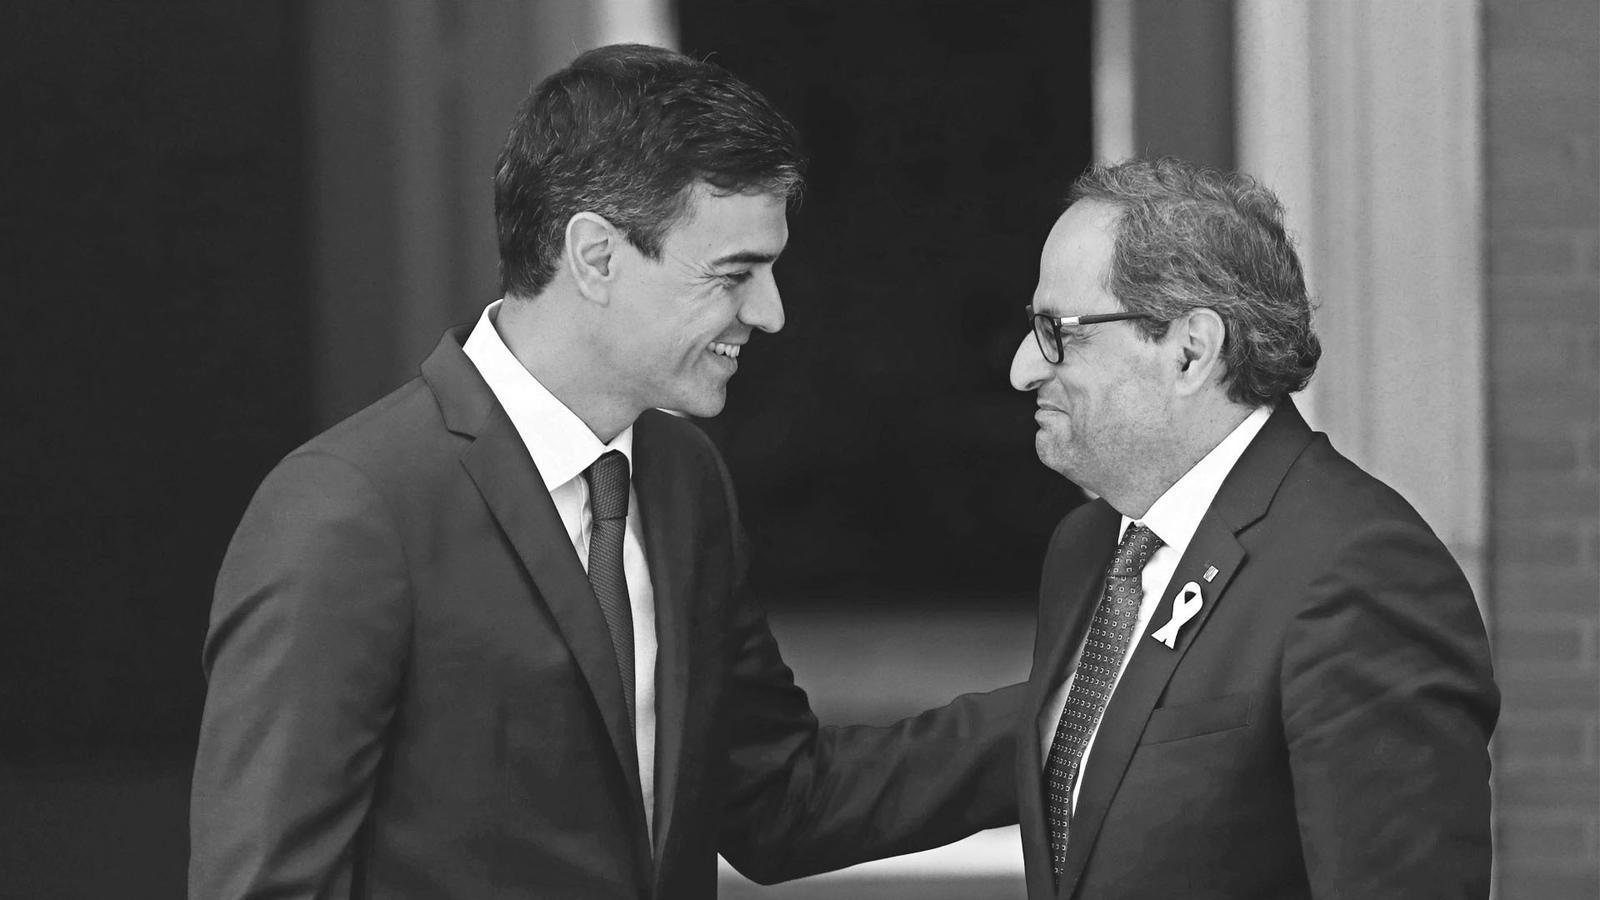 L'anàlisi d'Antoni Bassas: 'Torra i Sánchez, ni desgel ni pas enrere: «realpolitik»'